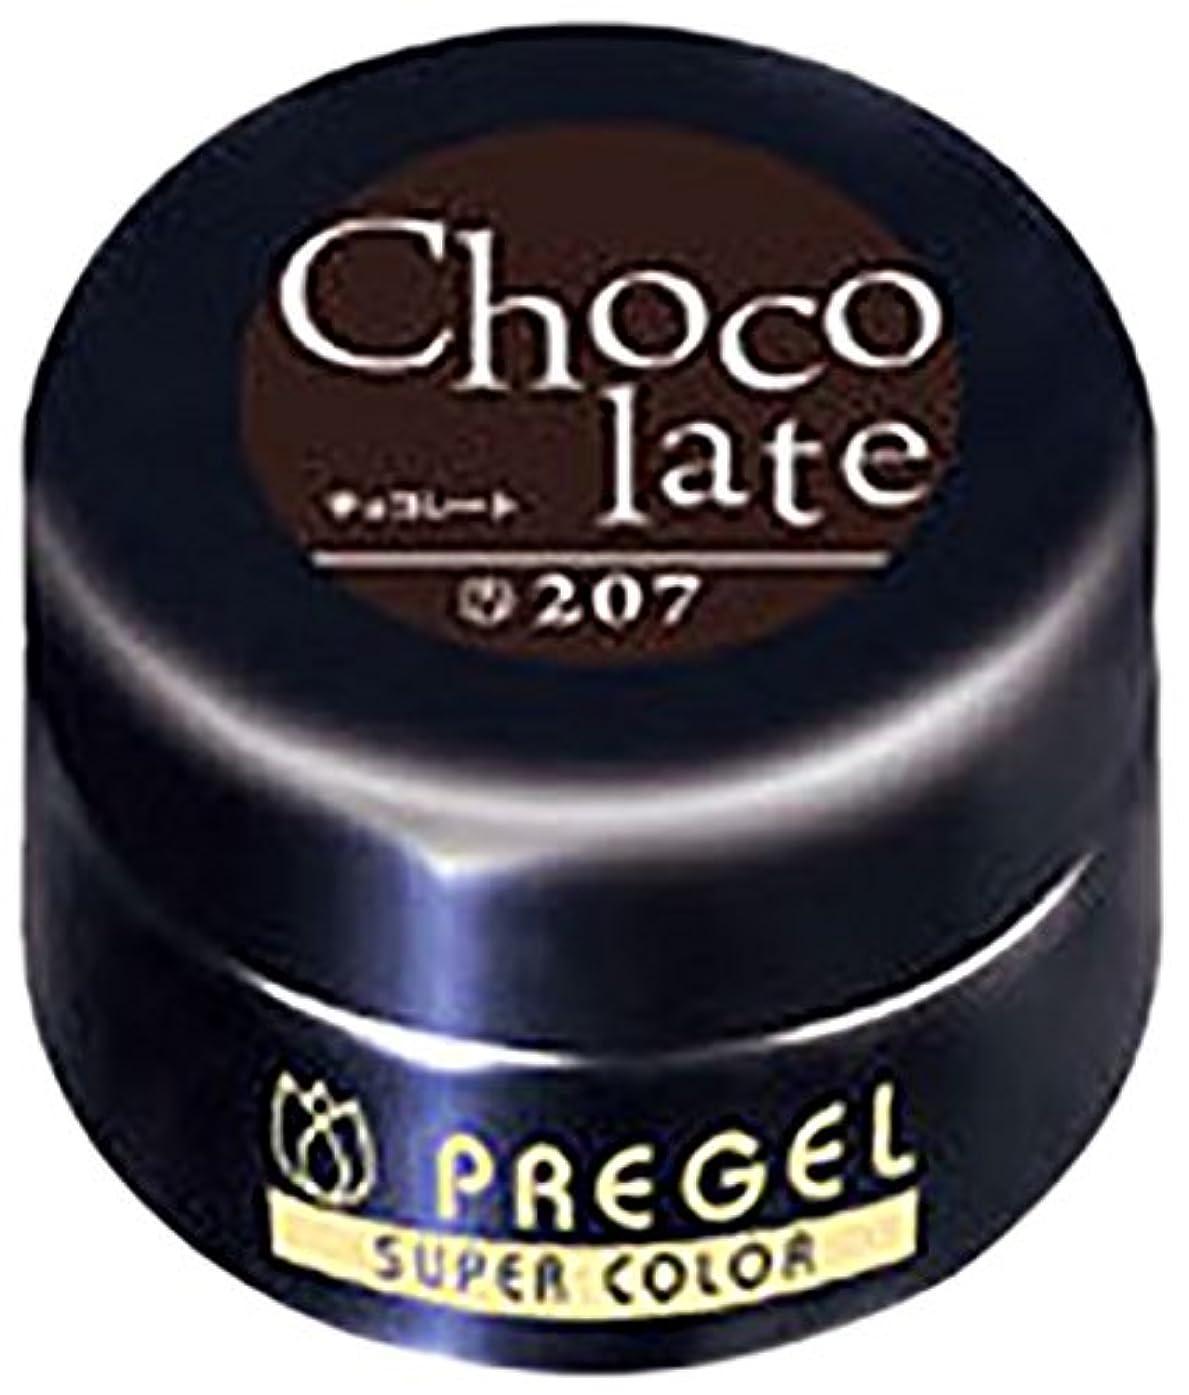 植物のコーナー入り口プリジェル ジェルネイル スーパーカラーEX チョコレート 4g PG-SE207